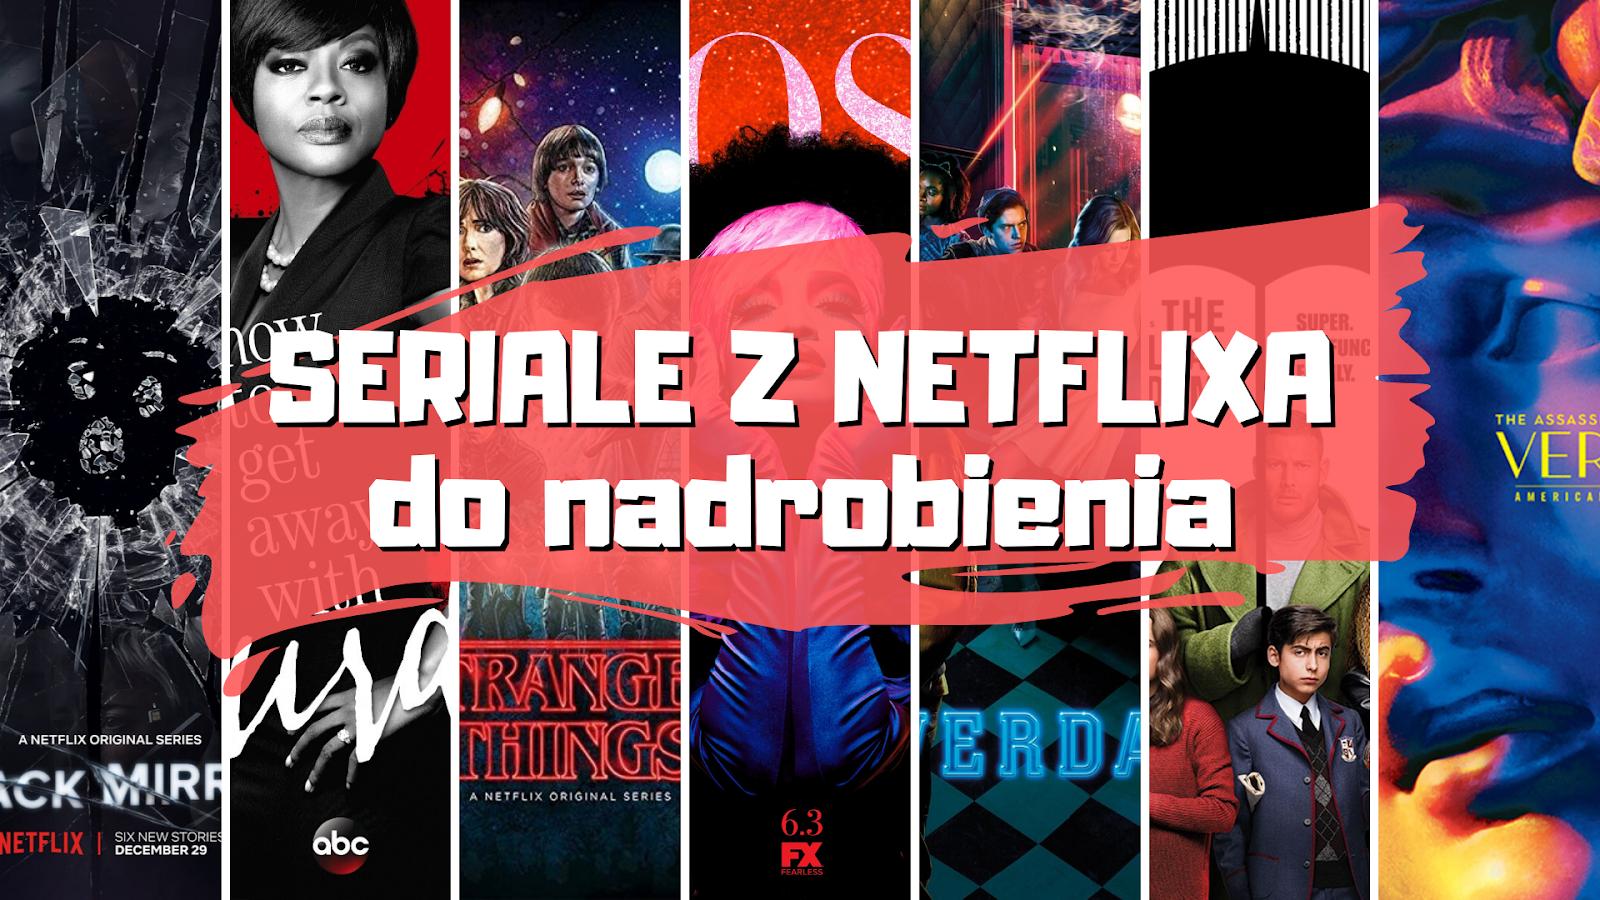 Seriale Netflix co obejrzeć nadrobić zobaczyć co warto oglądać